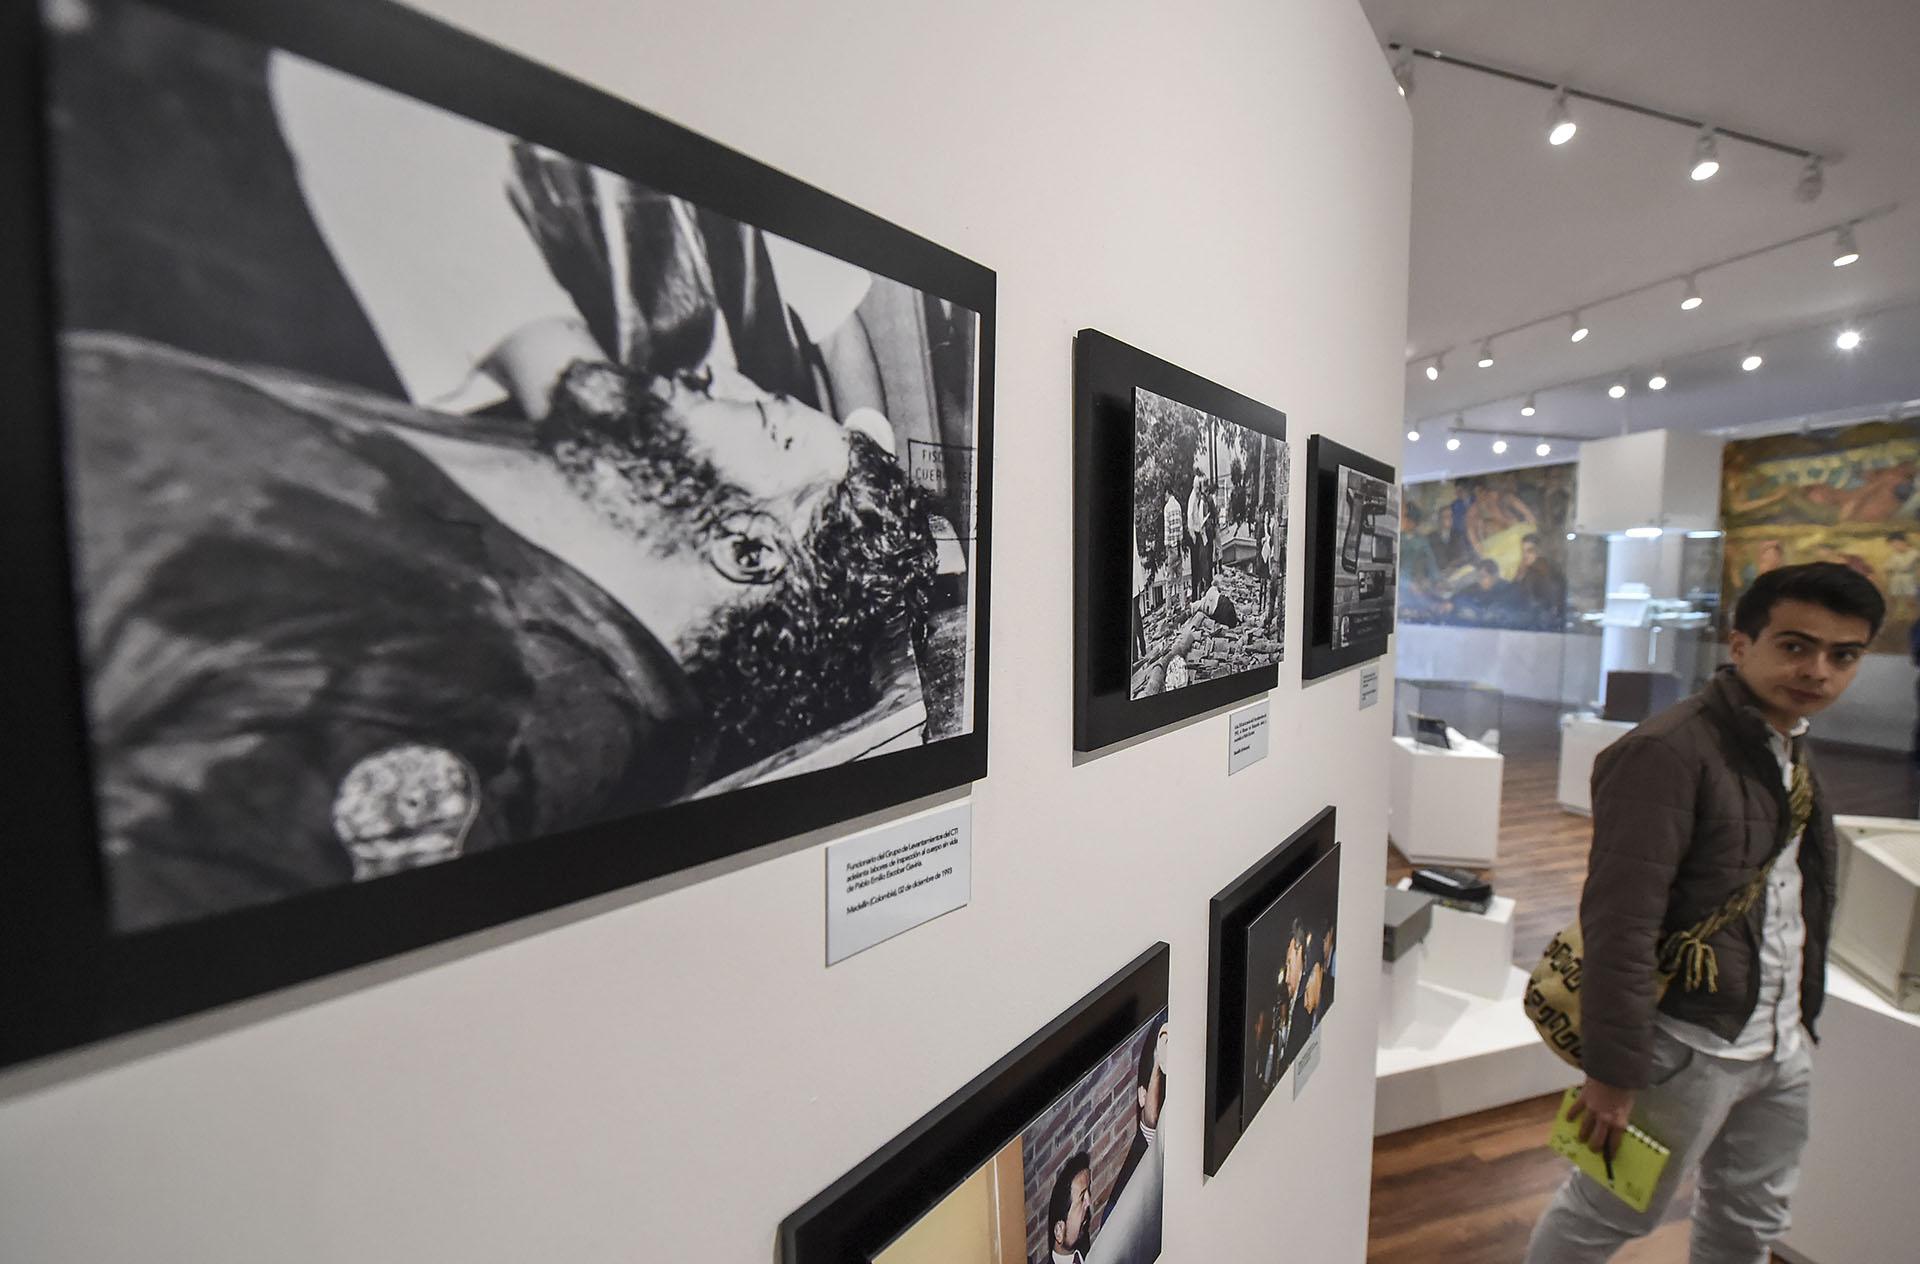 Fotografías muestran el cuerpo sin vida de Pablo Escobar y otros jefes del narcotráfico (AFP)